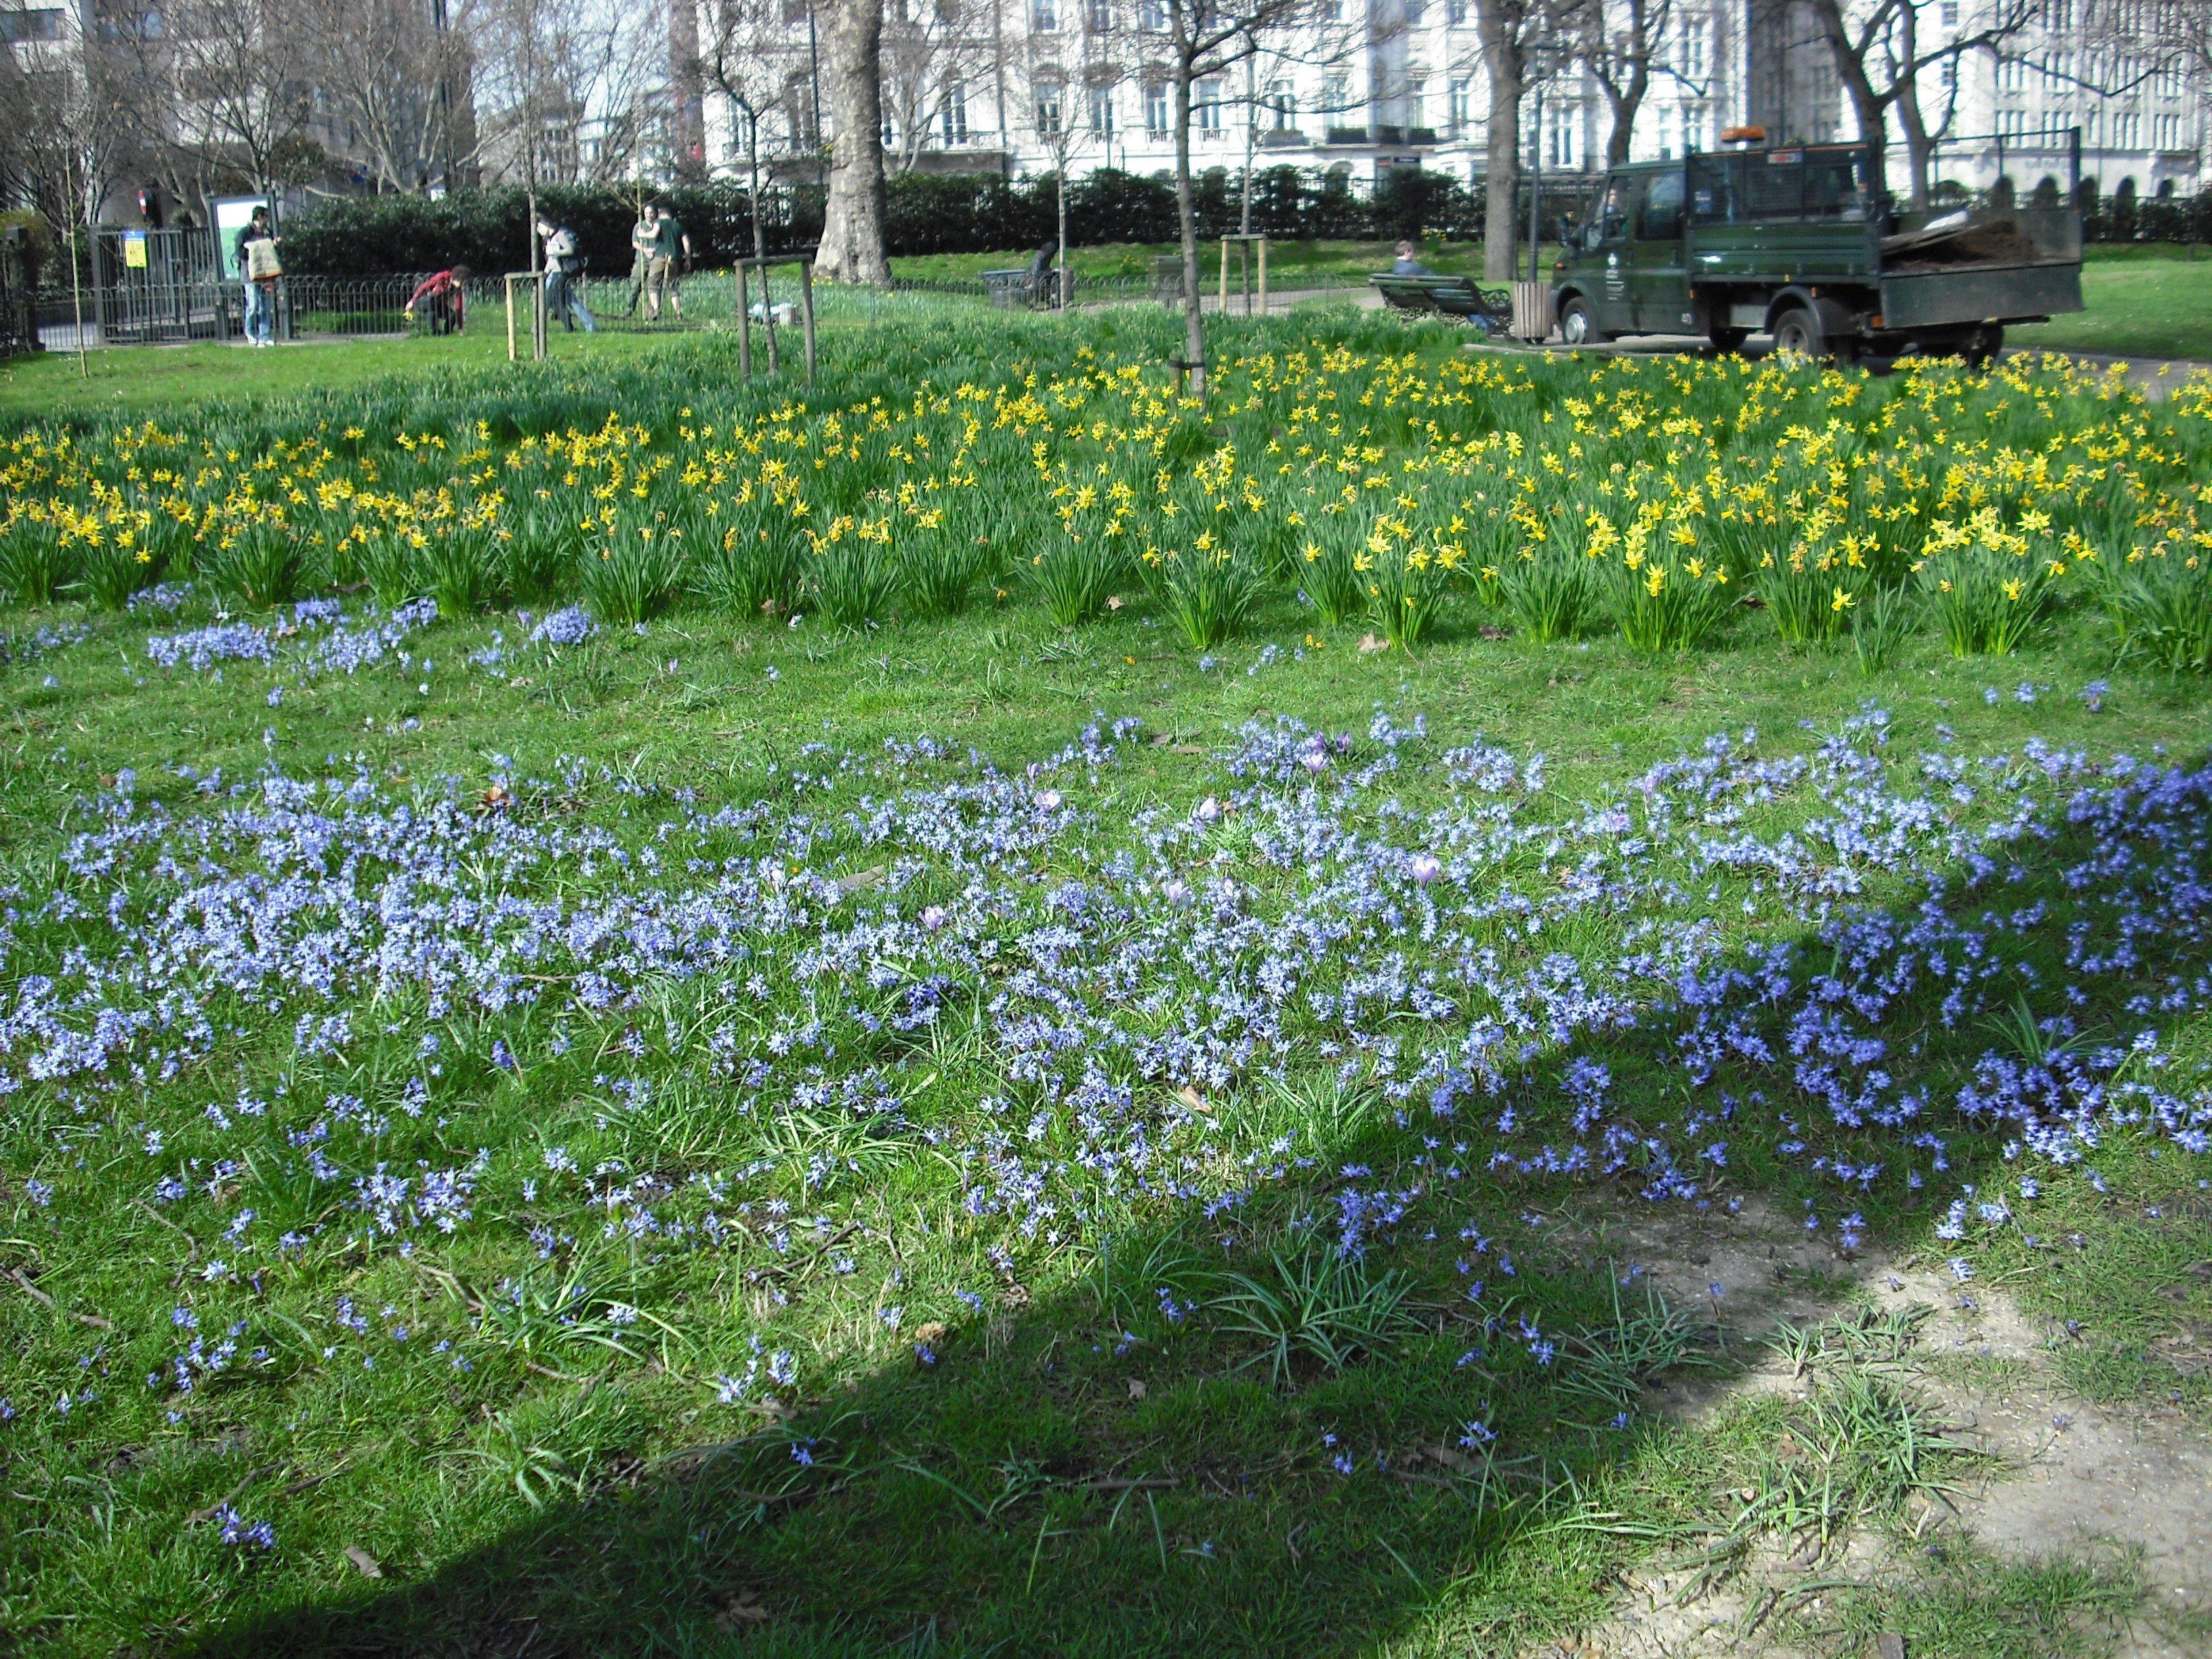 fleursgreenpark.jpg